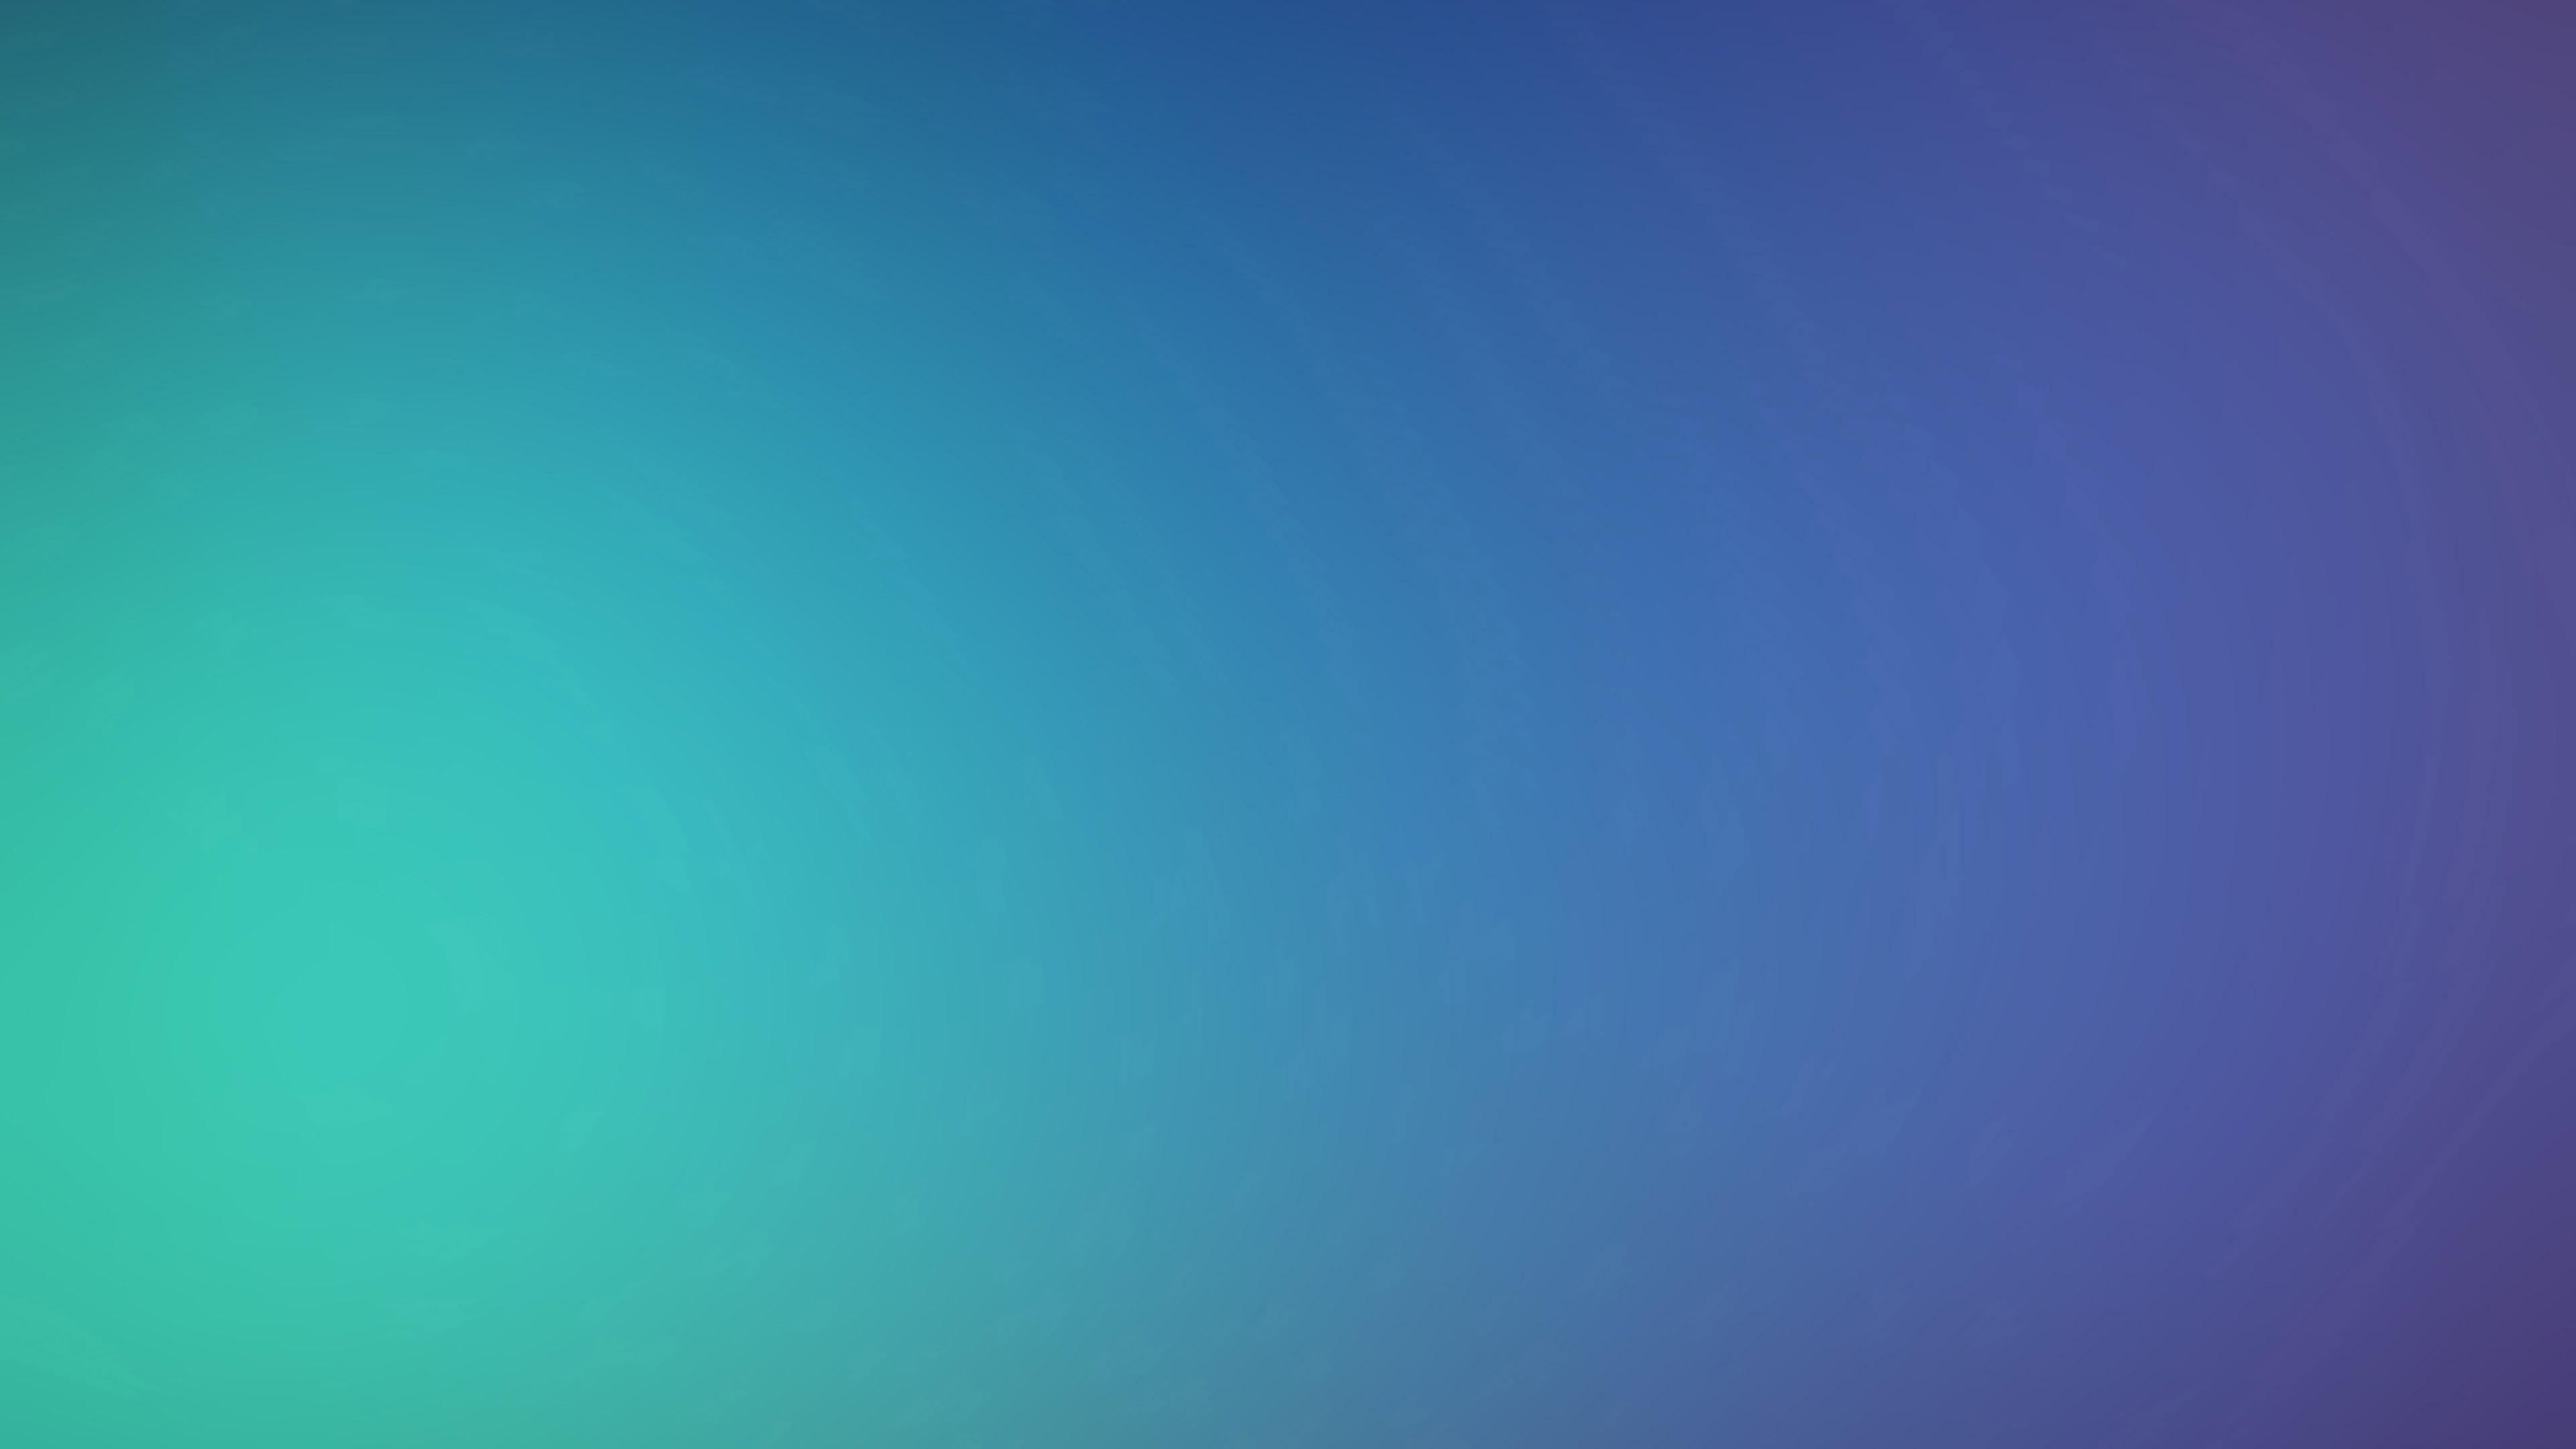 Top Windows 10 4k Wallpaper Wallpapers 3840x2160